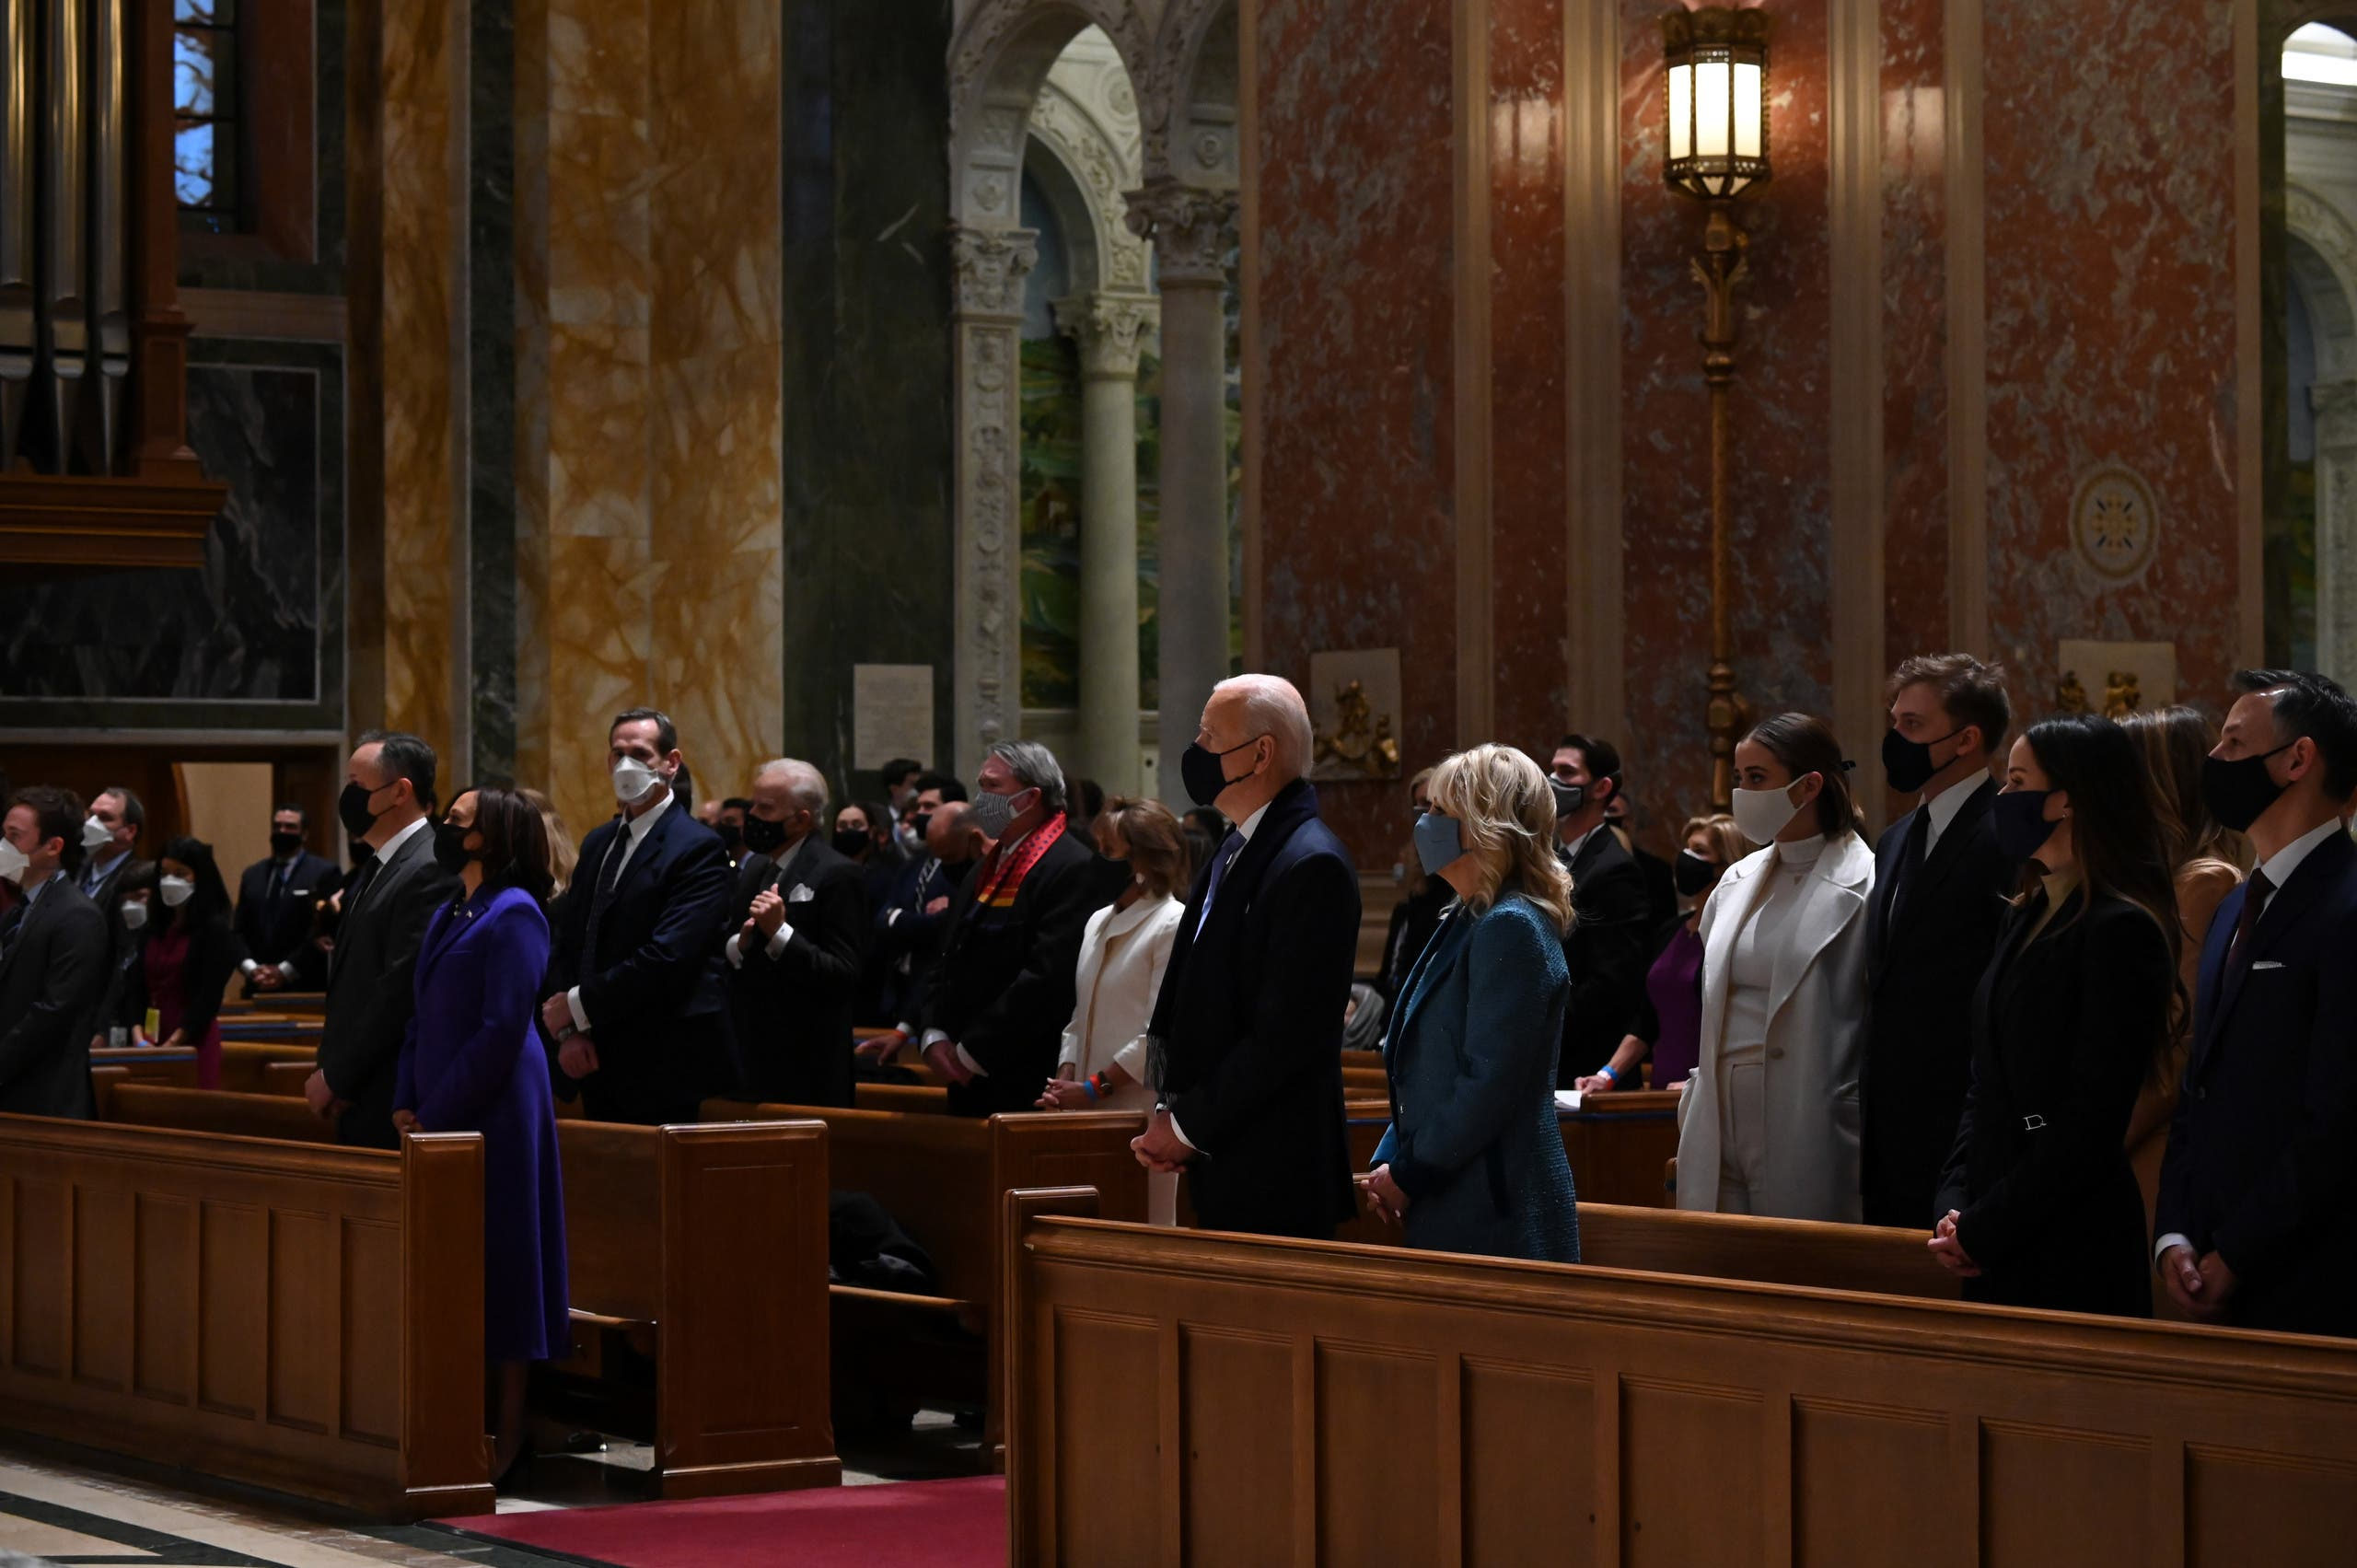 الرئيس جو بايدن وزوجته جيل من داخل كنيسة القديس ماثيو